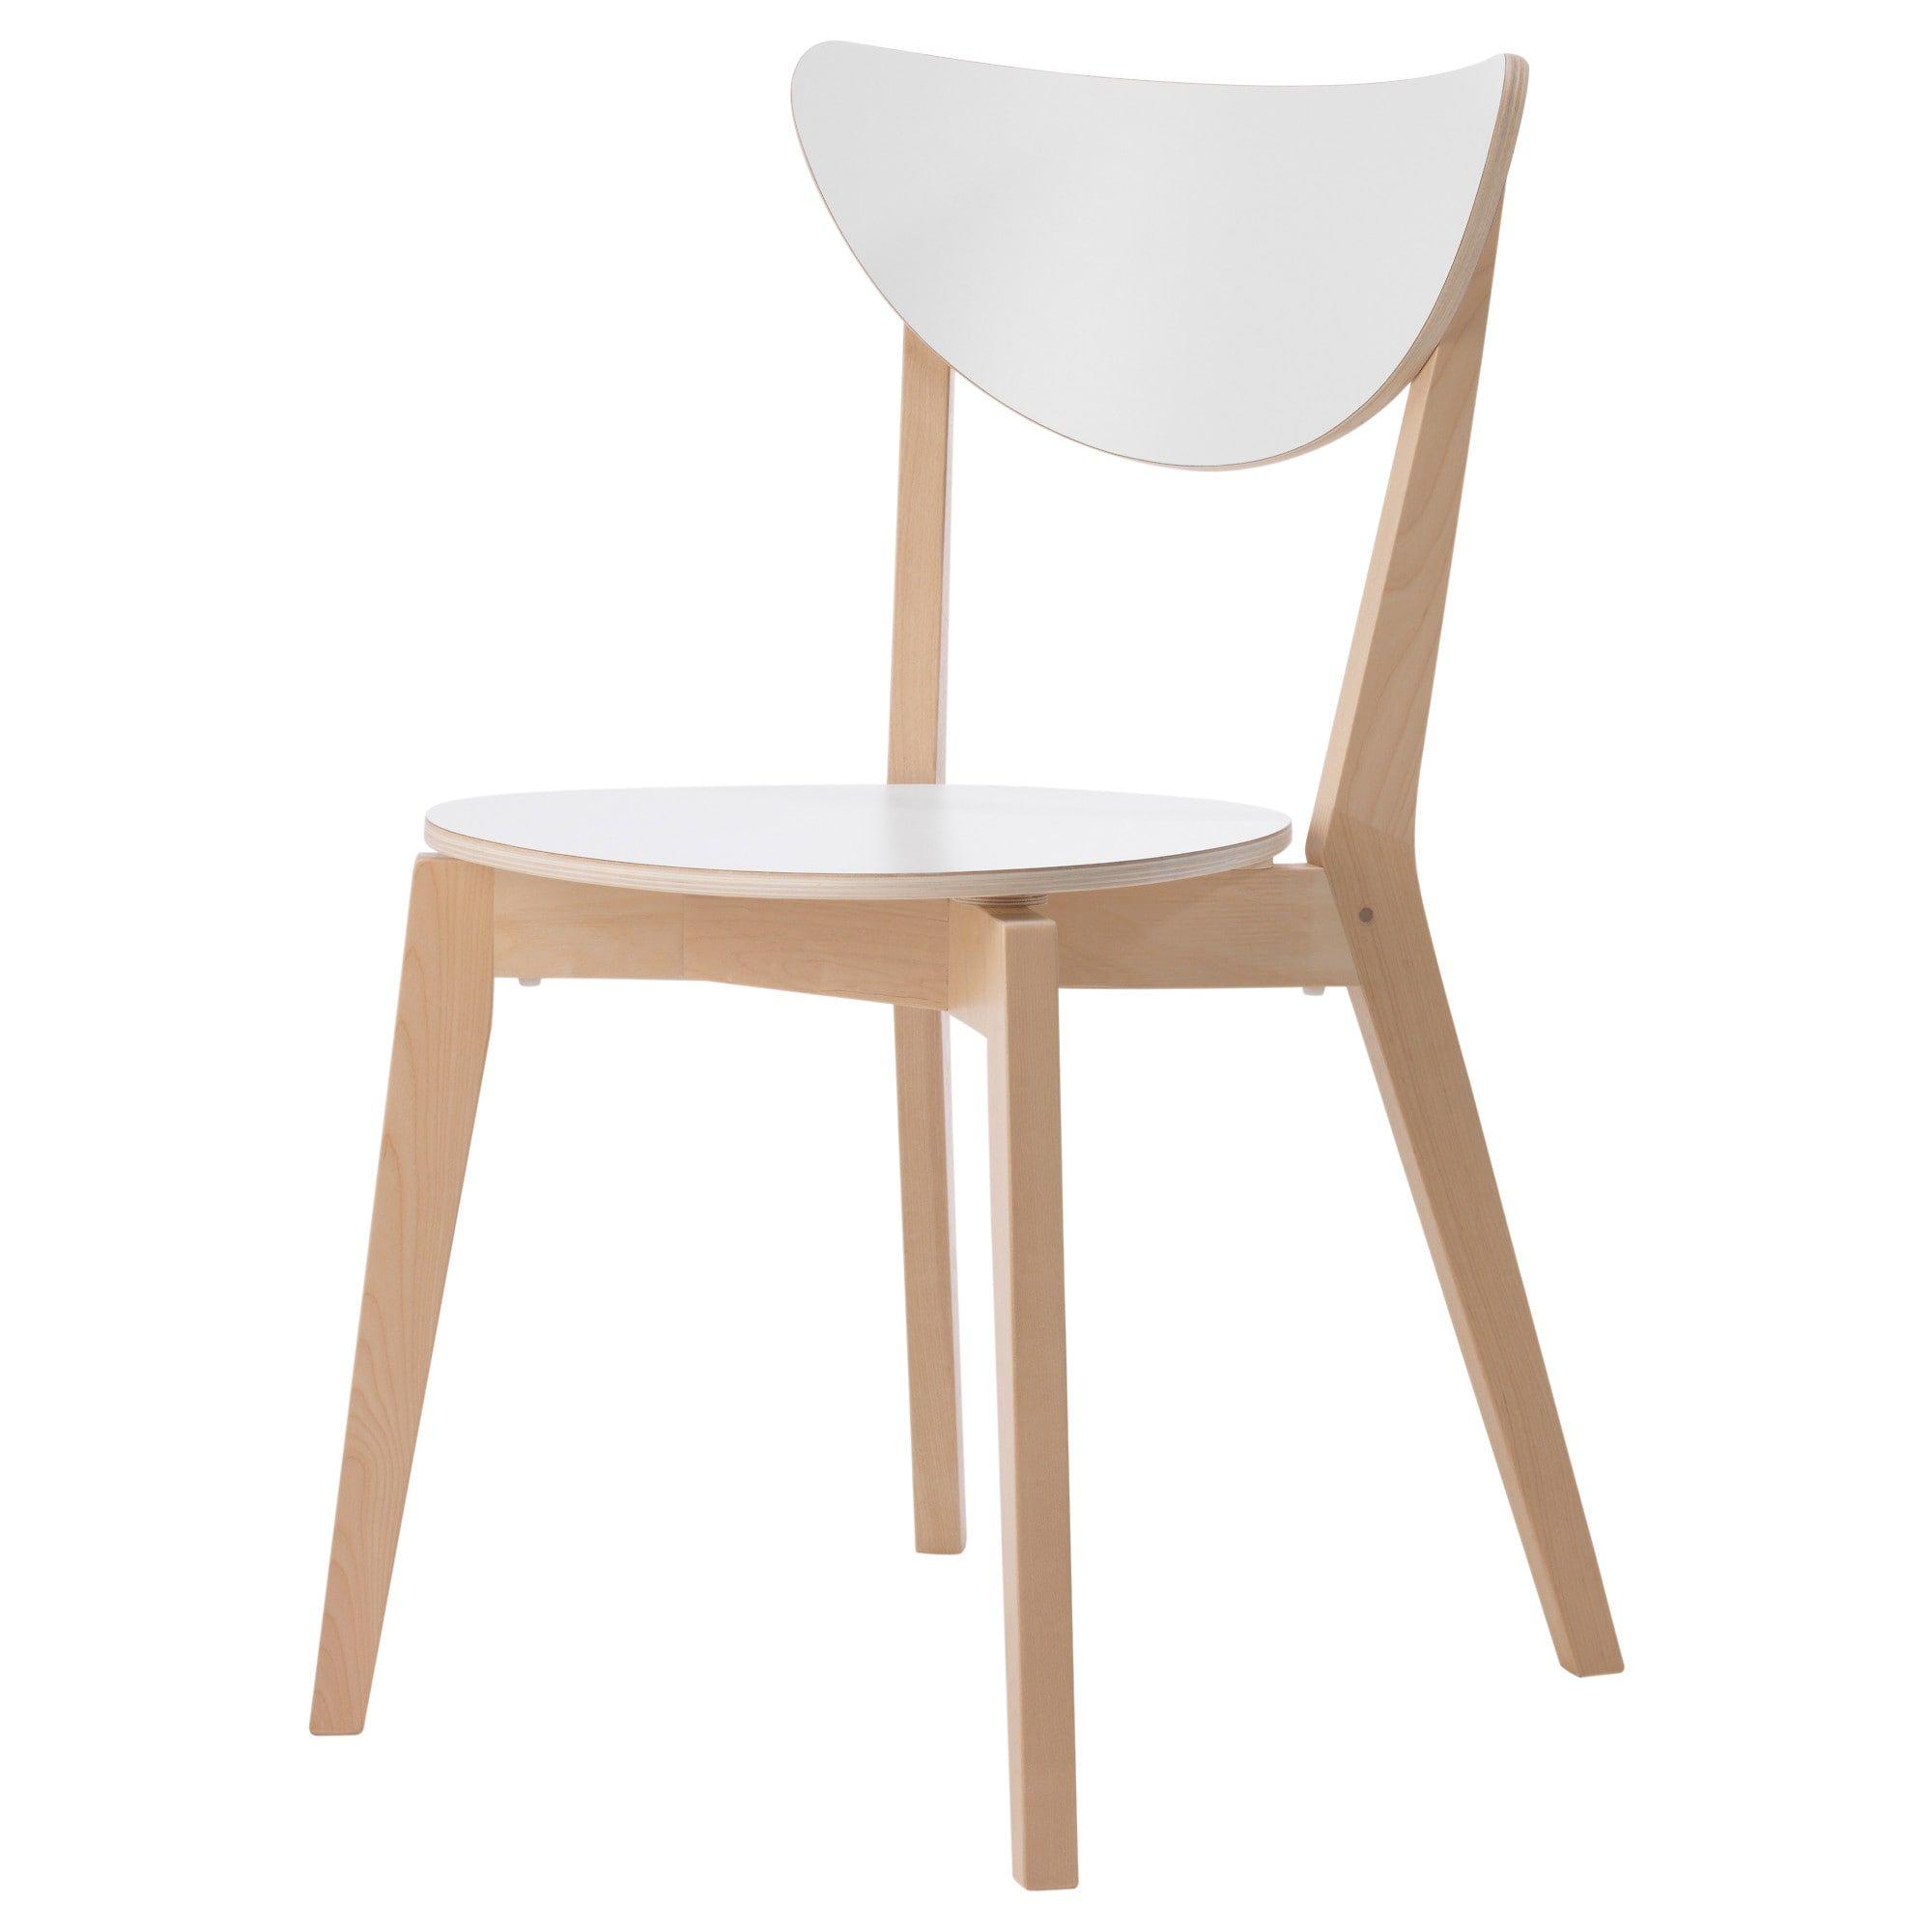 NORDMYRA | Sillas, Ikea sillas y Ikea